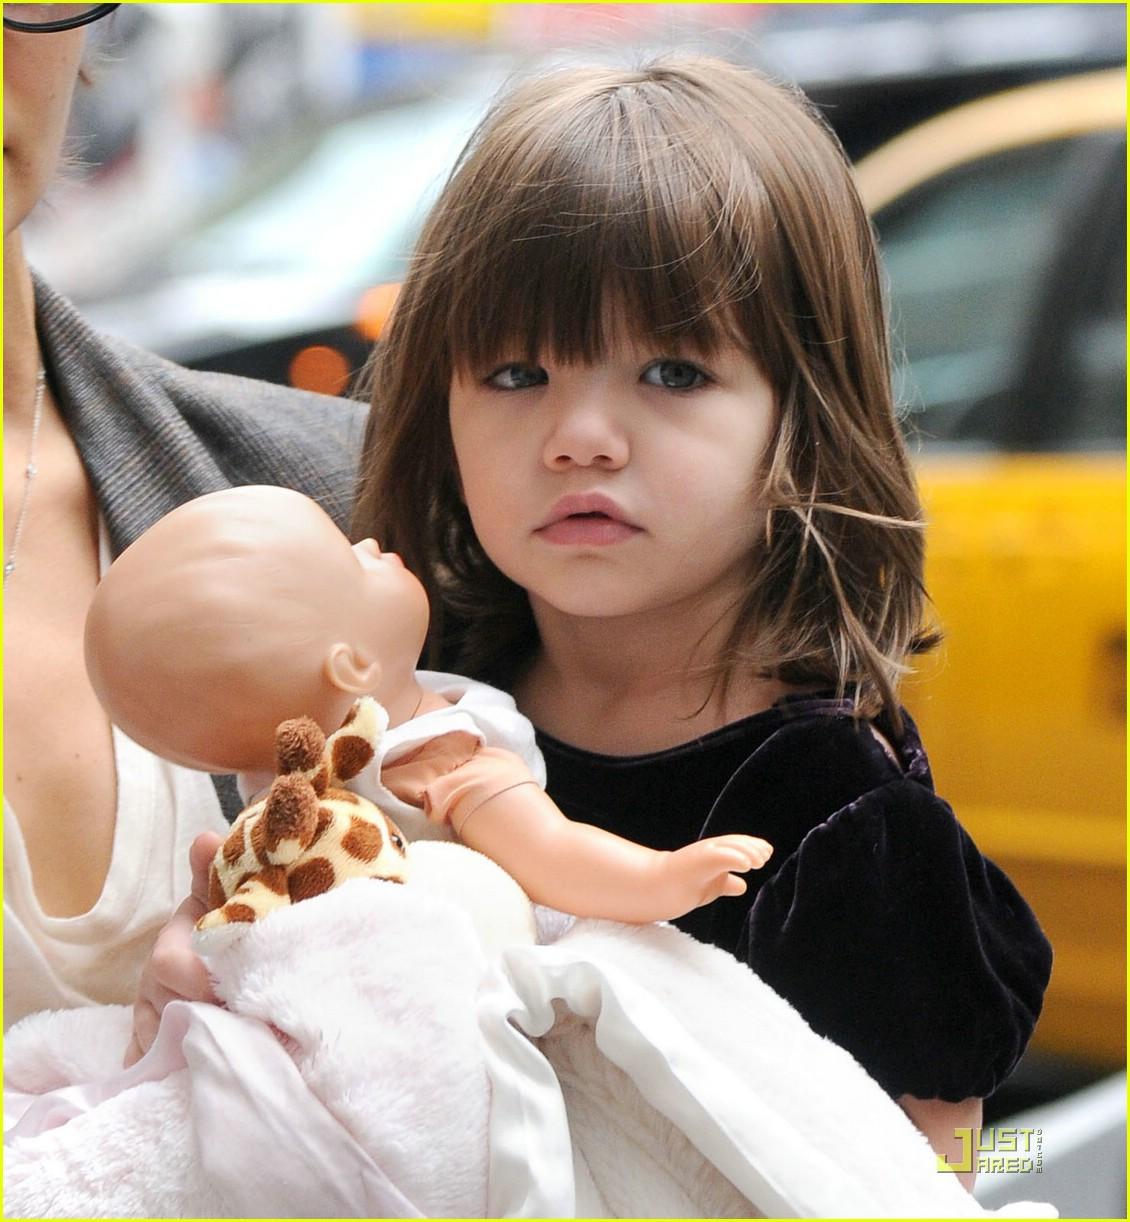 Hành trình nhan sắc 2 công chúa nhà sao hot nhất Hollywood: Harper Beckham xinh ra, Suri Cruise ngày càng bị dìm - Ảnh 18.